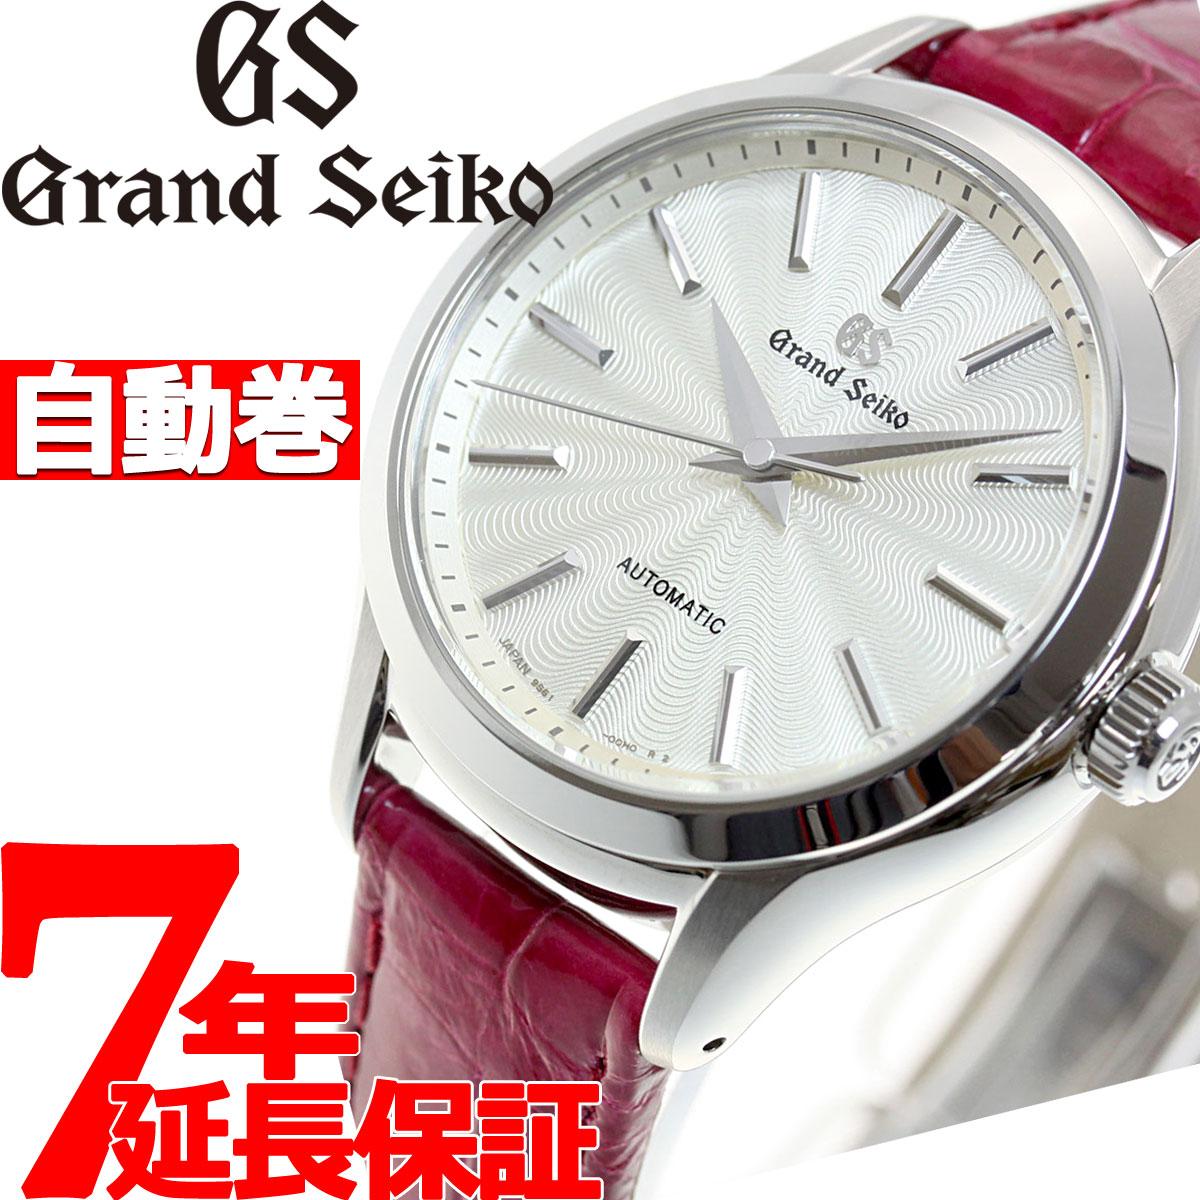 グランドセイコー GRAND SEIKO メカニカル 自動巻き 腕時計 レディース STGR209【72回無金利】